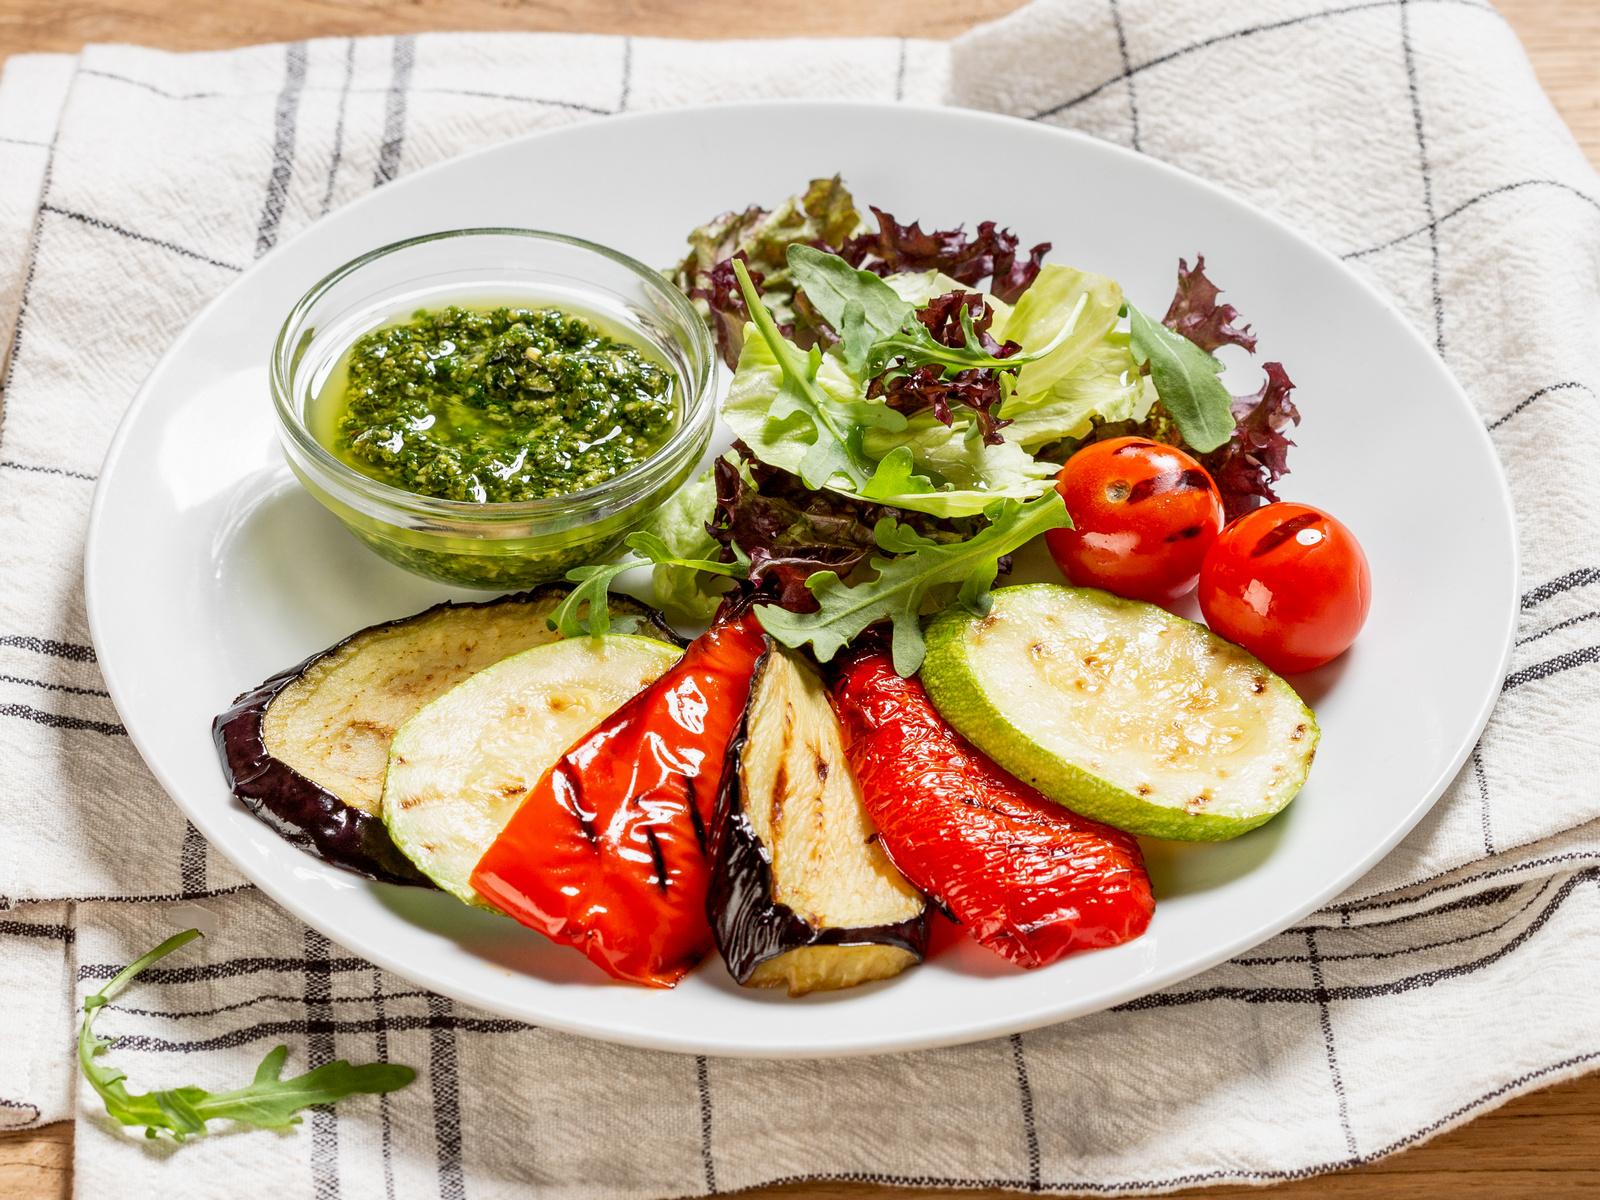 Запеченные овощи с миксом салатных листьев и песто